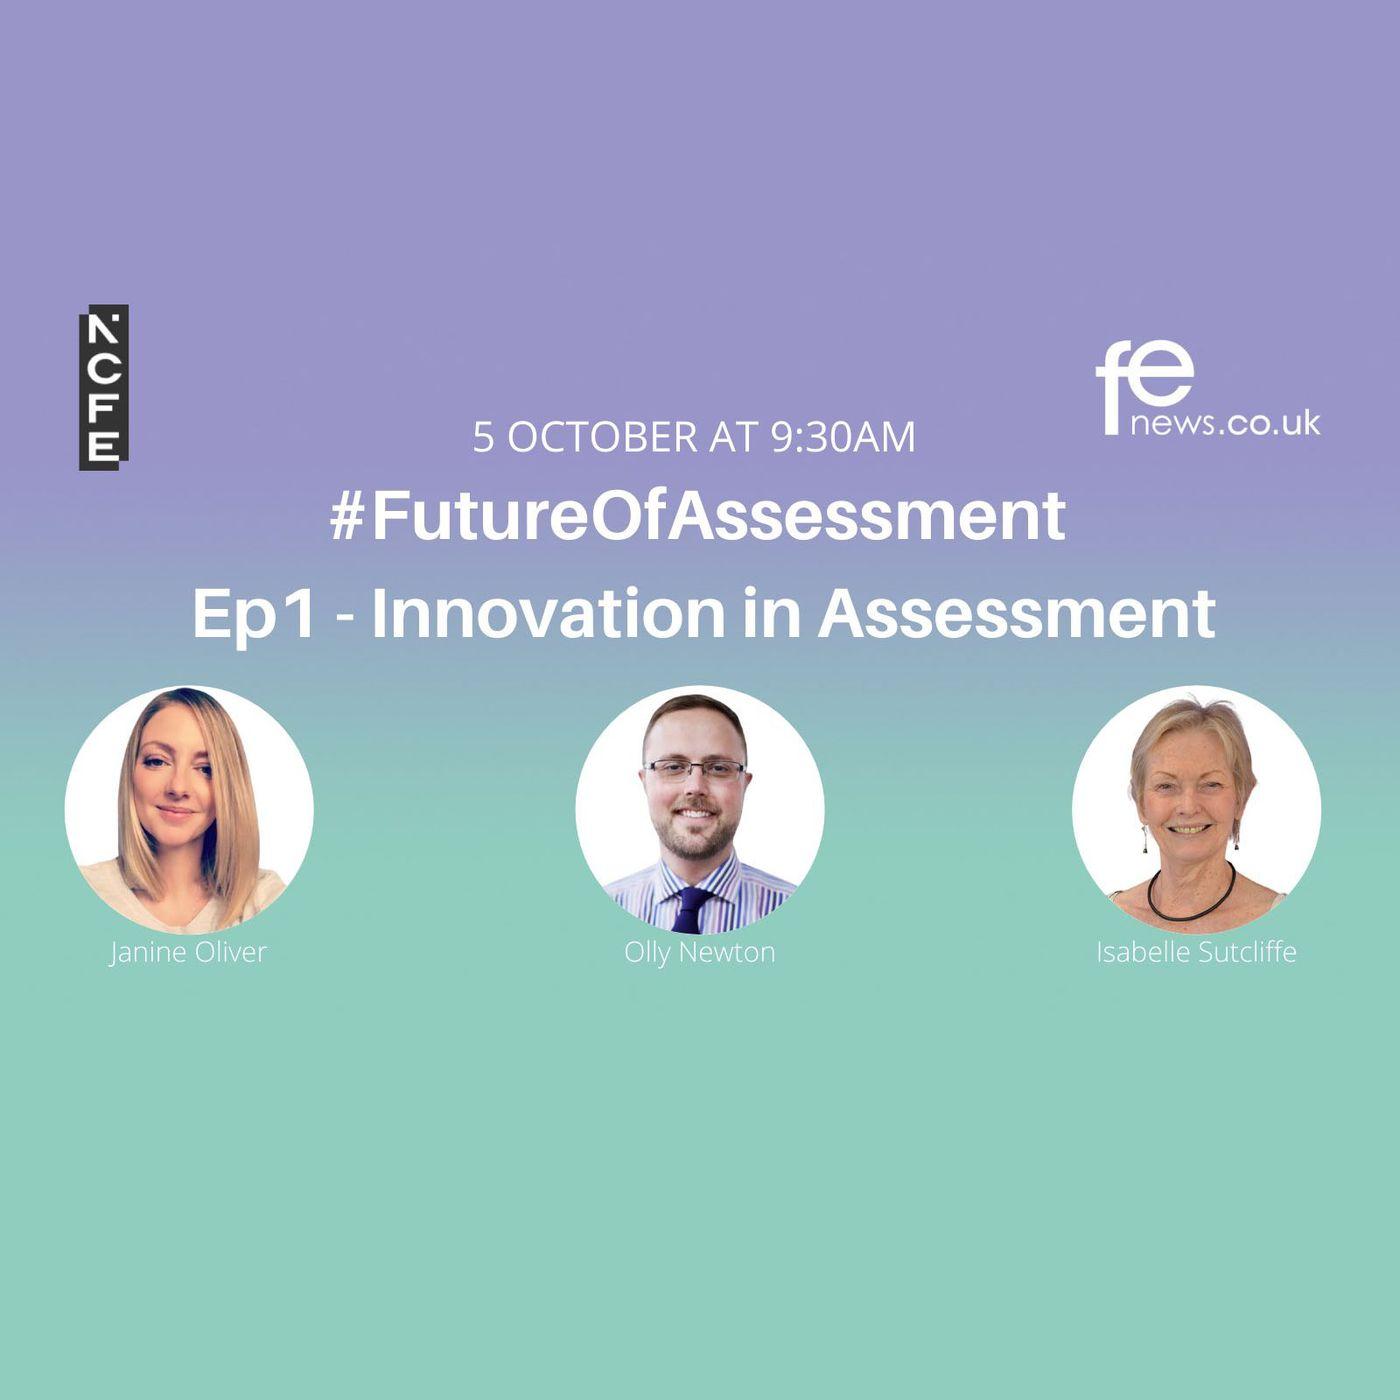 Innovation in assessment - #FutureOfAssessment NCFE